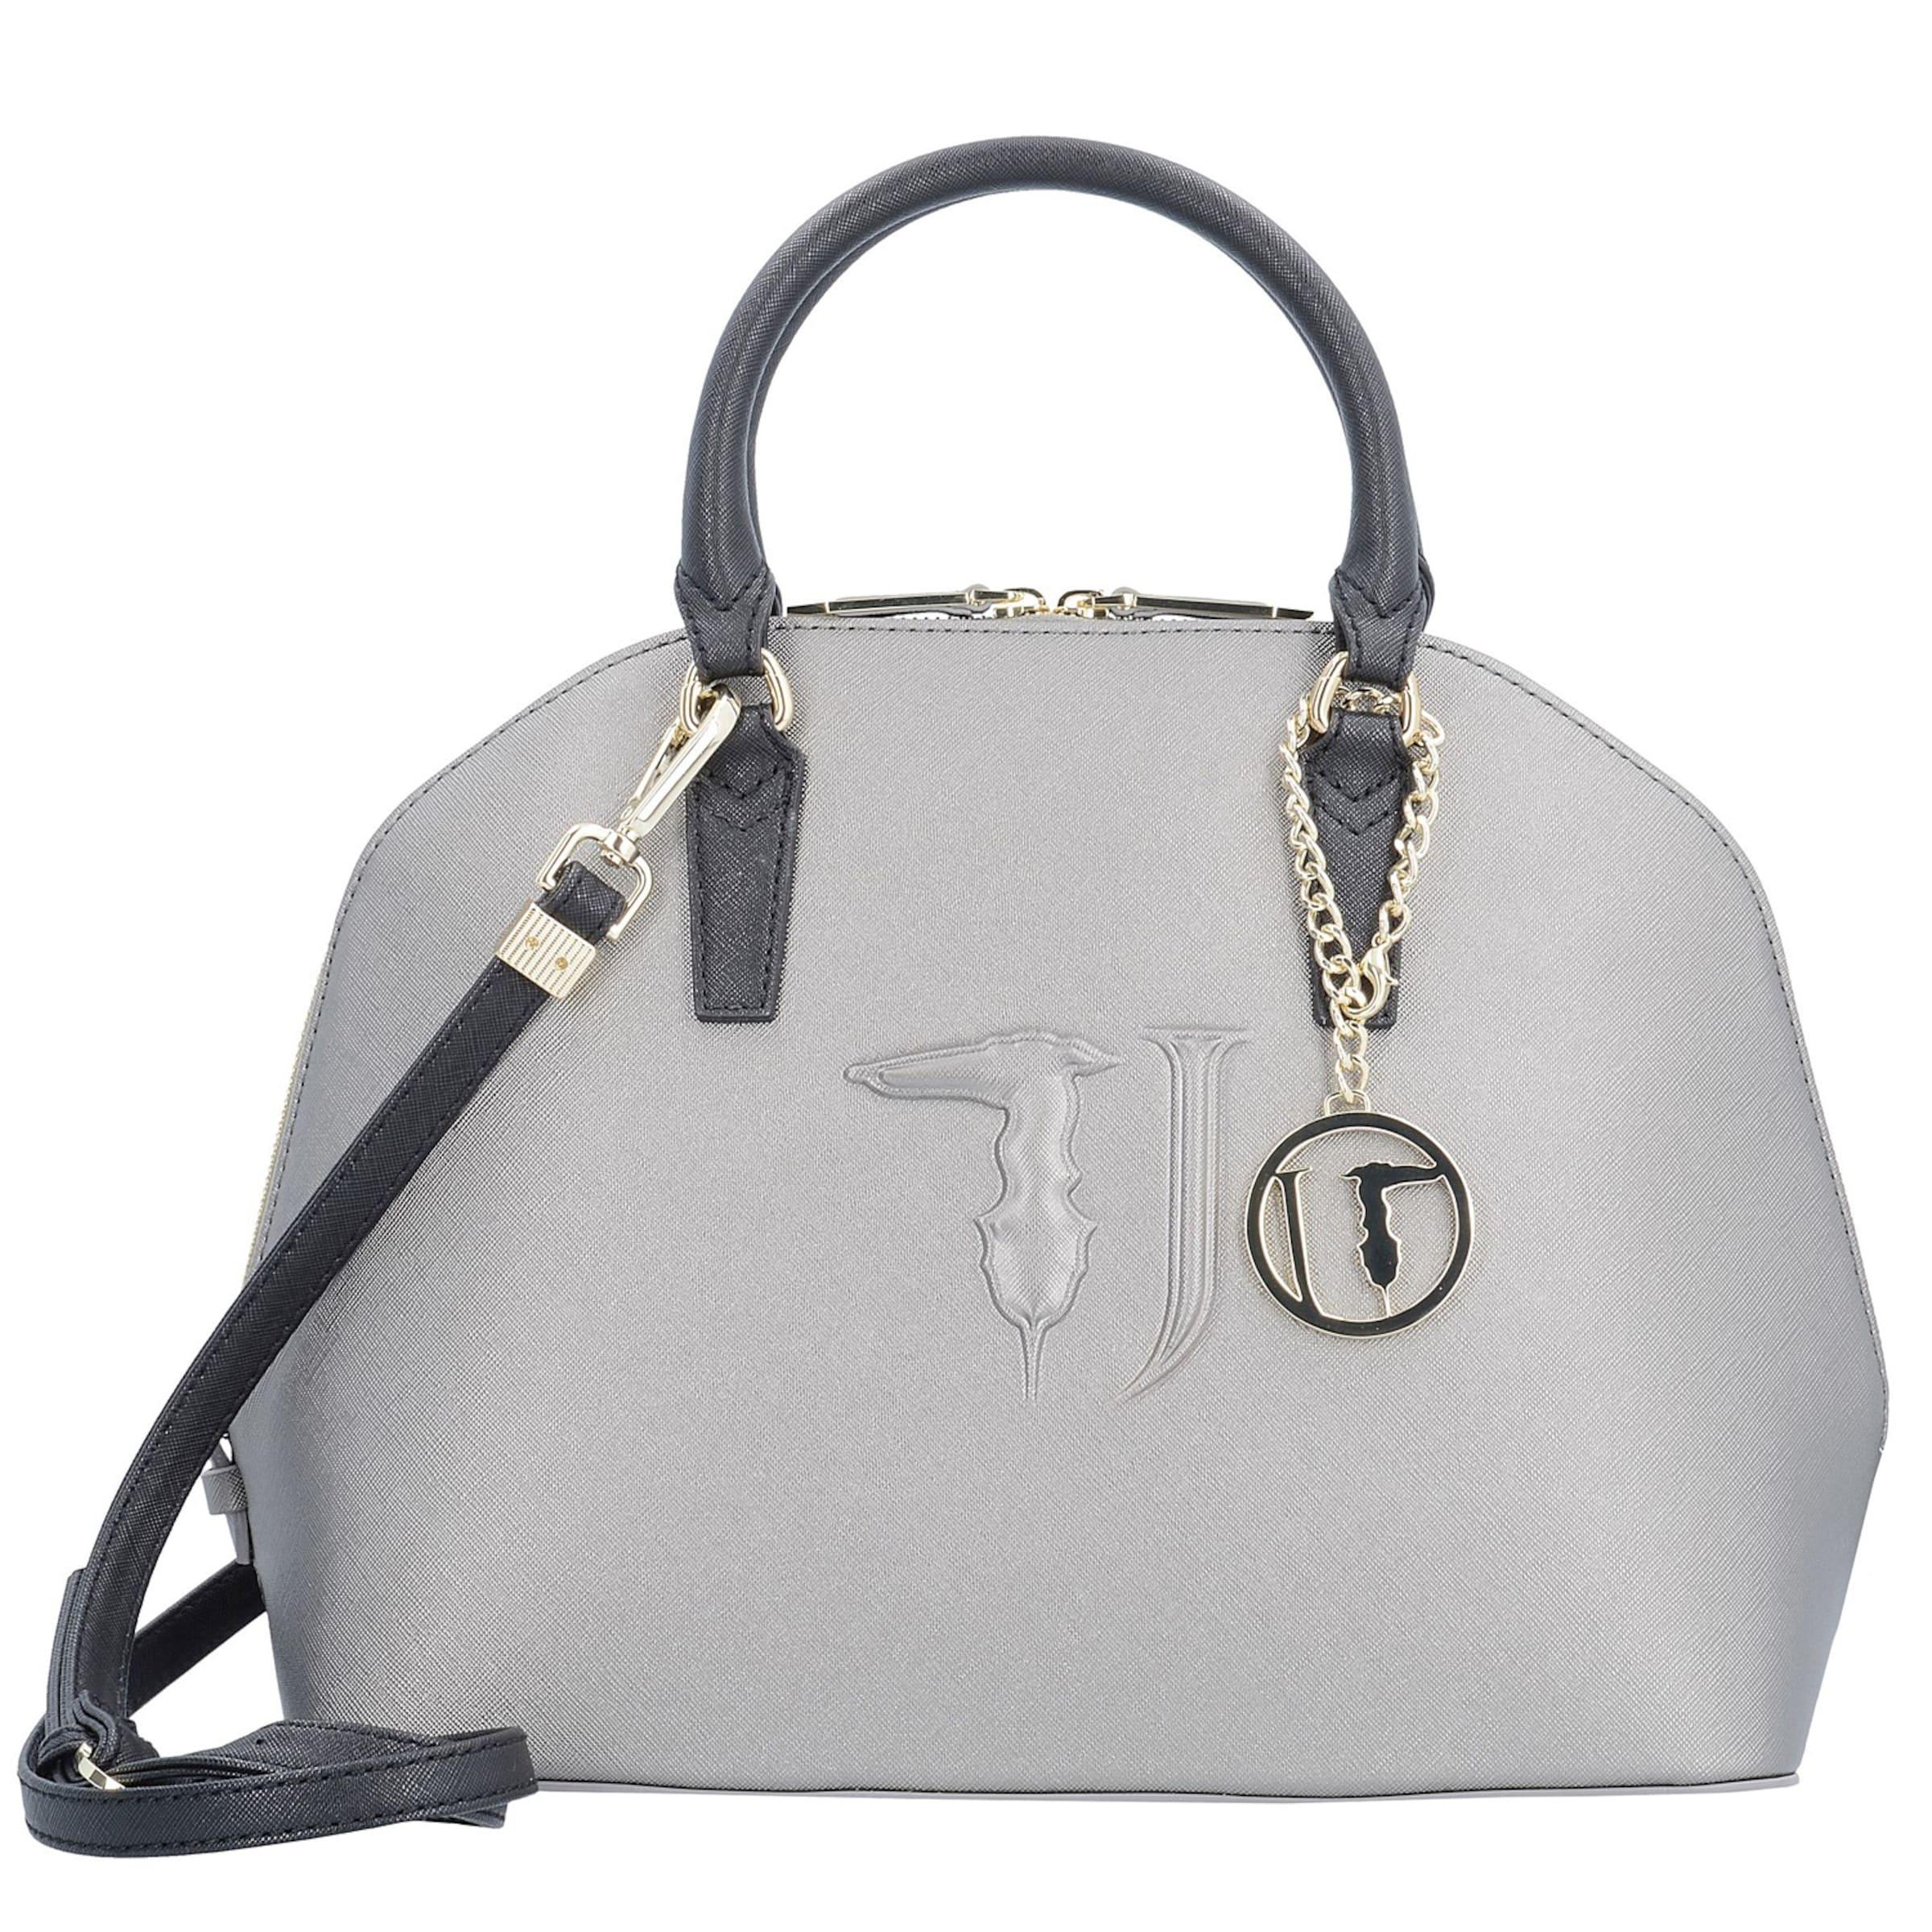 Trussardi Jeans Ischia Ecoleather Dome Bag Handtasche 32 cm Großhandelspreis Verkauf Online  Niedrigere Preise RoYOdit